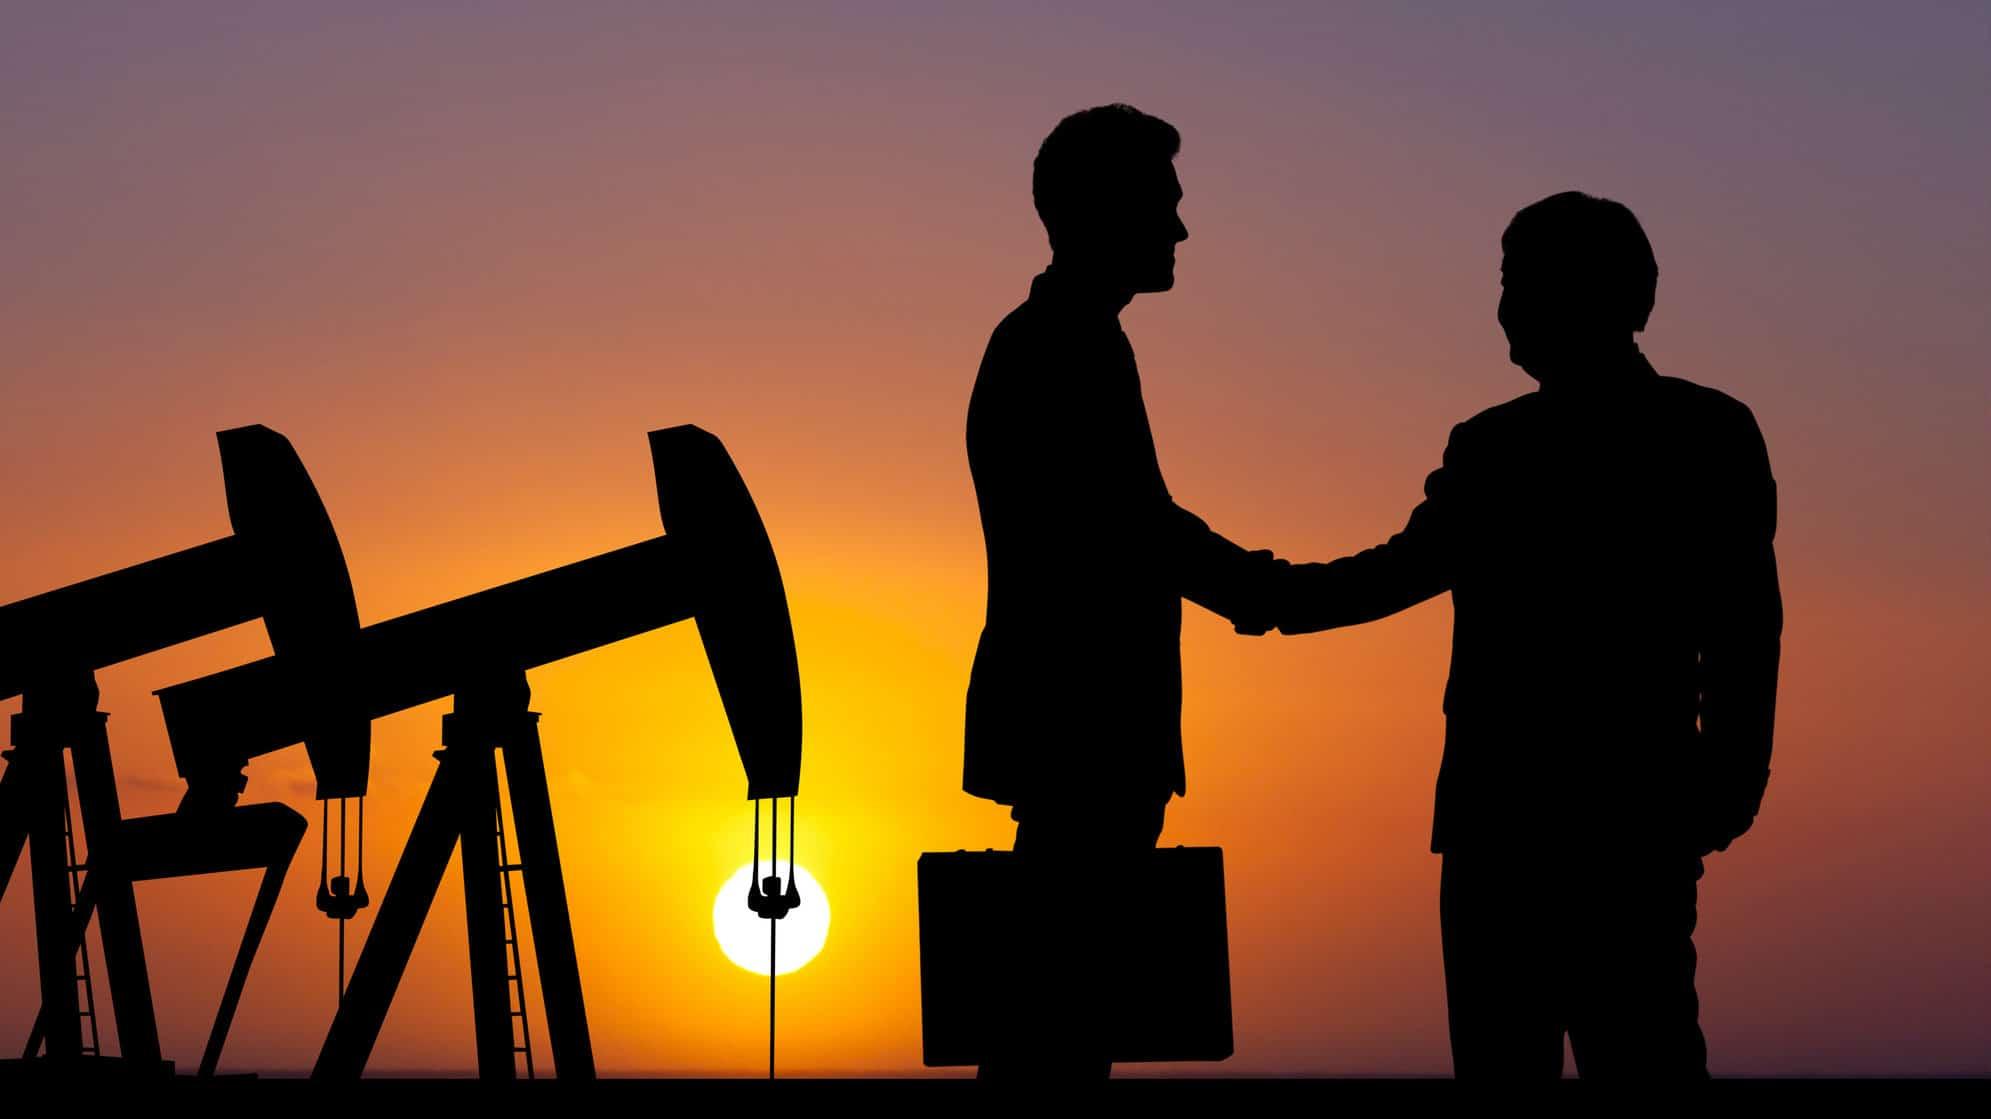 Oil & Gas stocks